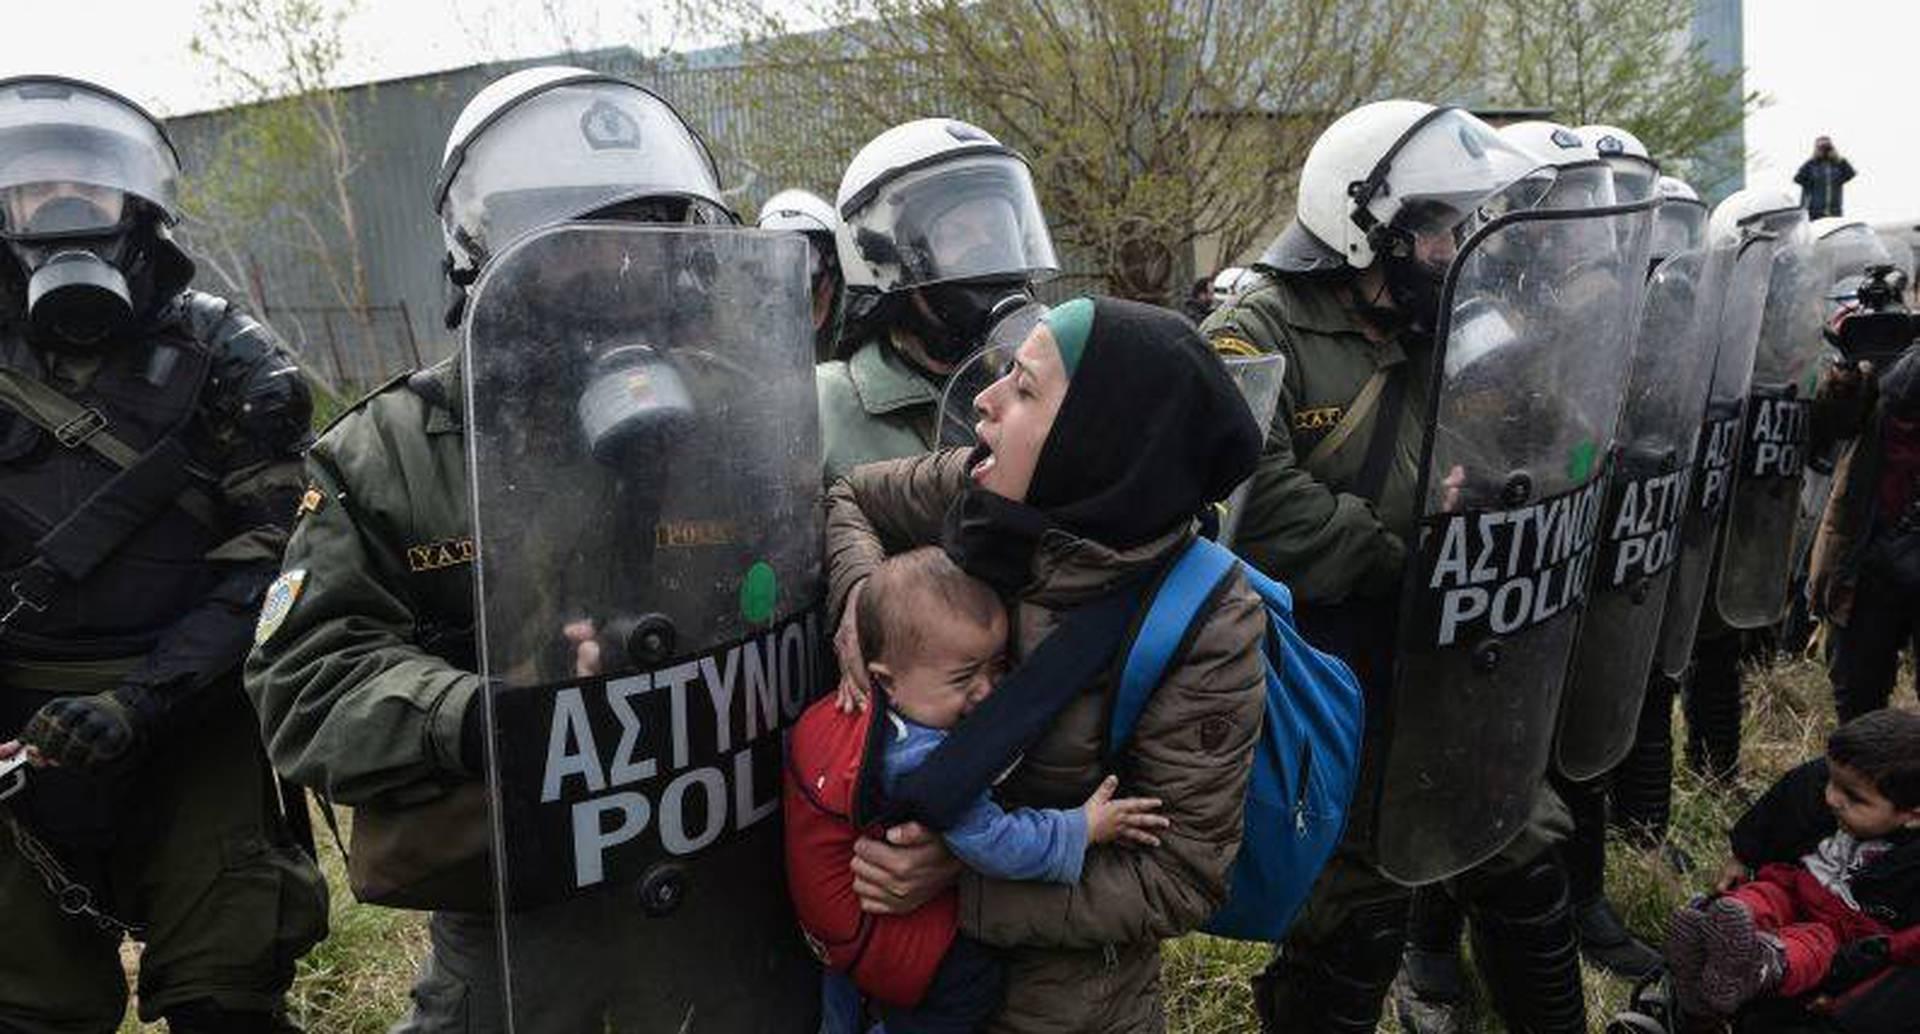 5 de abril - Una mujer sostiene a un niño mientras otros se enfrentan a la policía antidisturbios griega fuera de un campamento de refugiados en Diavata. Cientos de migrantes y refugiados se reunieron luego de llamadas anónimas en las redes sociales para caminar hasta el las frontera del norte de Grecia para pasar a Europa. FOTO: Sakis MITROLIDIS / AFP